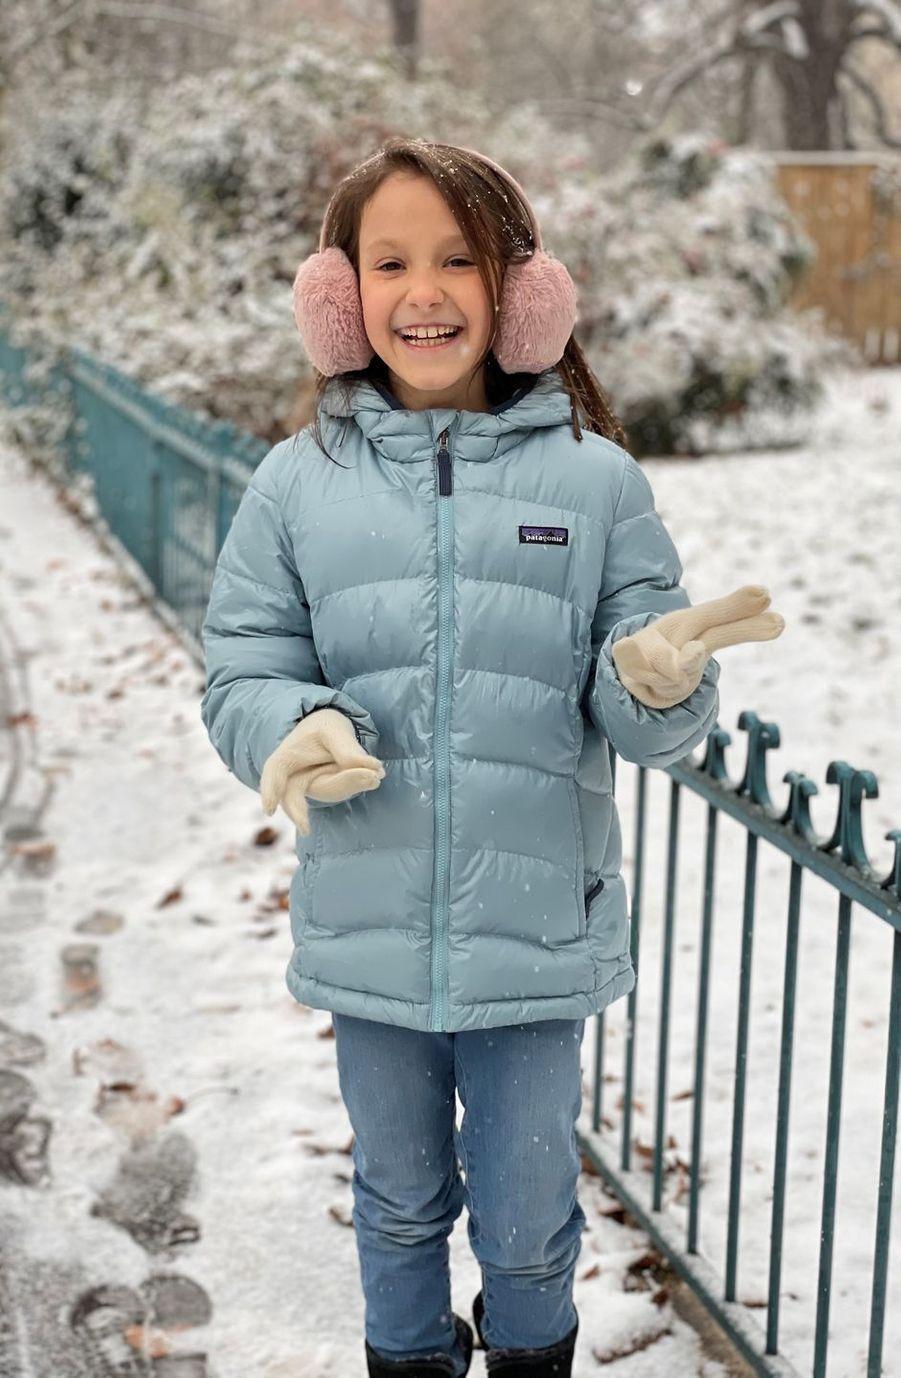 La princesse Athena de Danemark dans la neige à Paris, une des photos diffusées pour ses 9 ans, le 24 janvier 2021